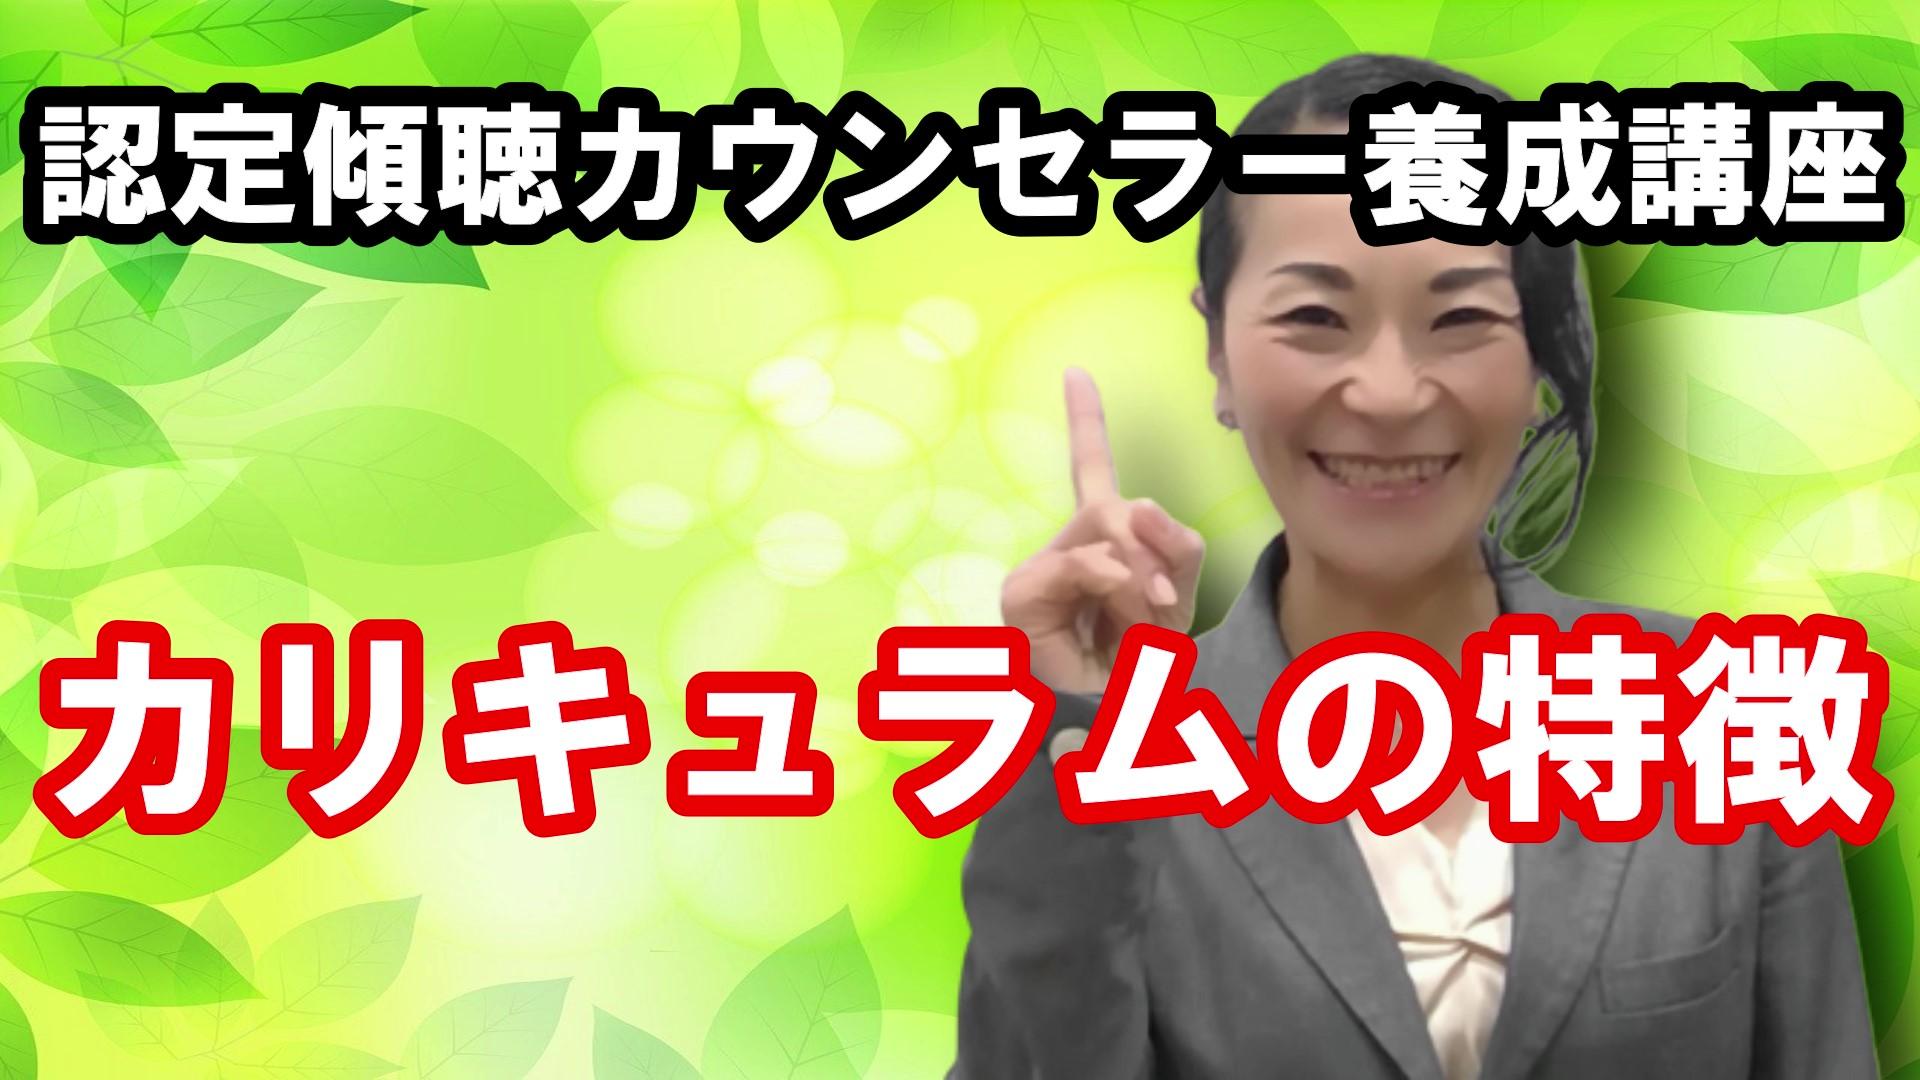 傾聴カウンセラー養成講座 ビデオ_Moment.jpg